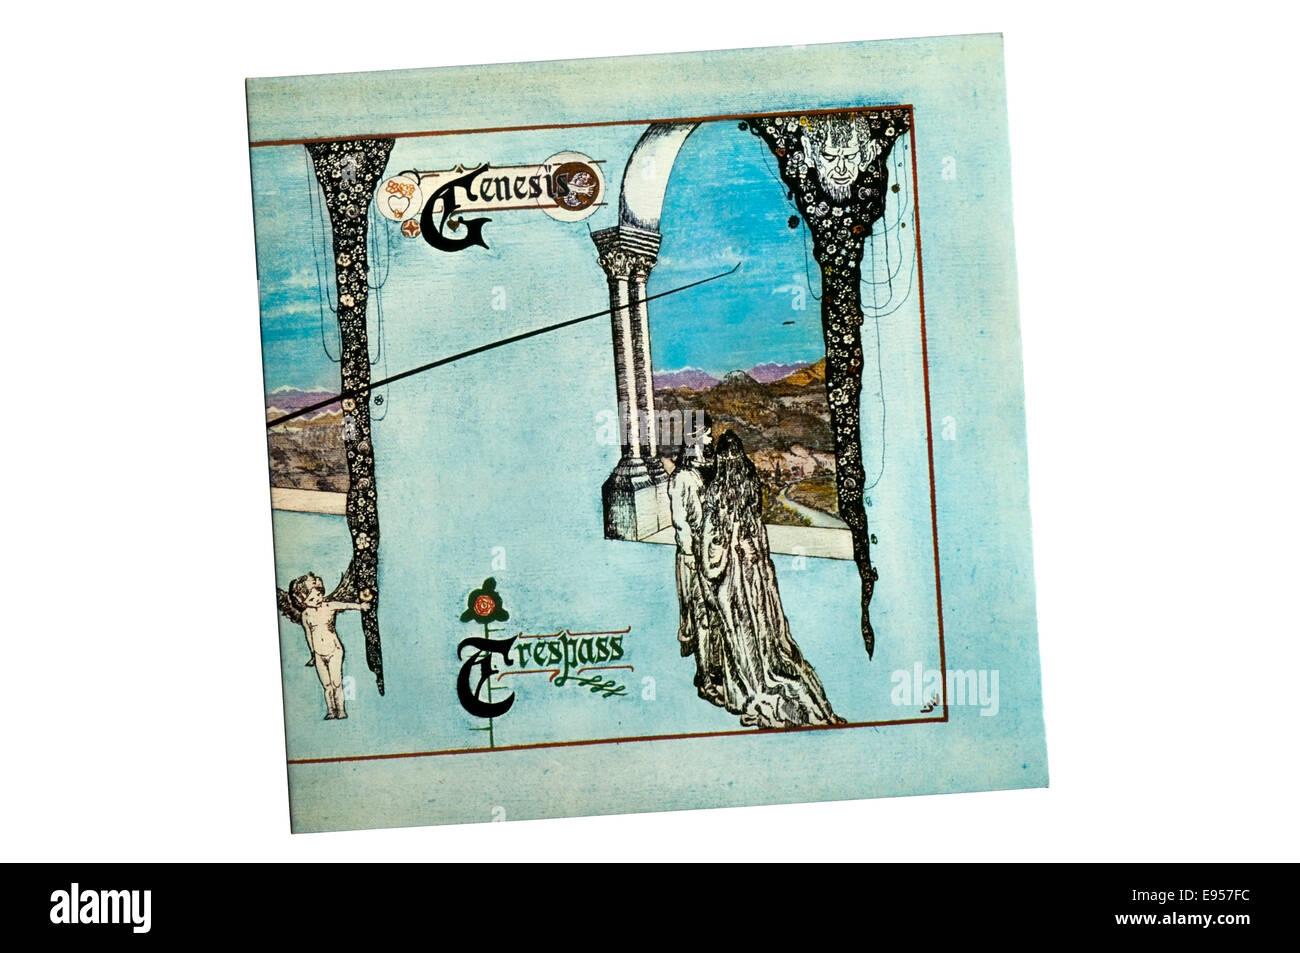 Hausfriedensbruch wurde das zweite Studioalbum von Genesis, aufgenommen und veröffentlicht im Jahr 1970. Stockbild